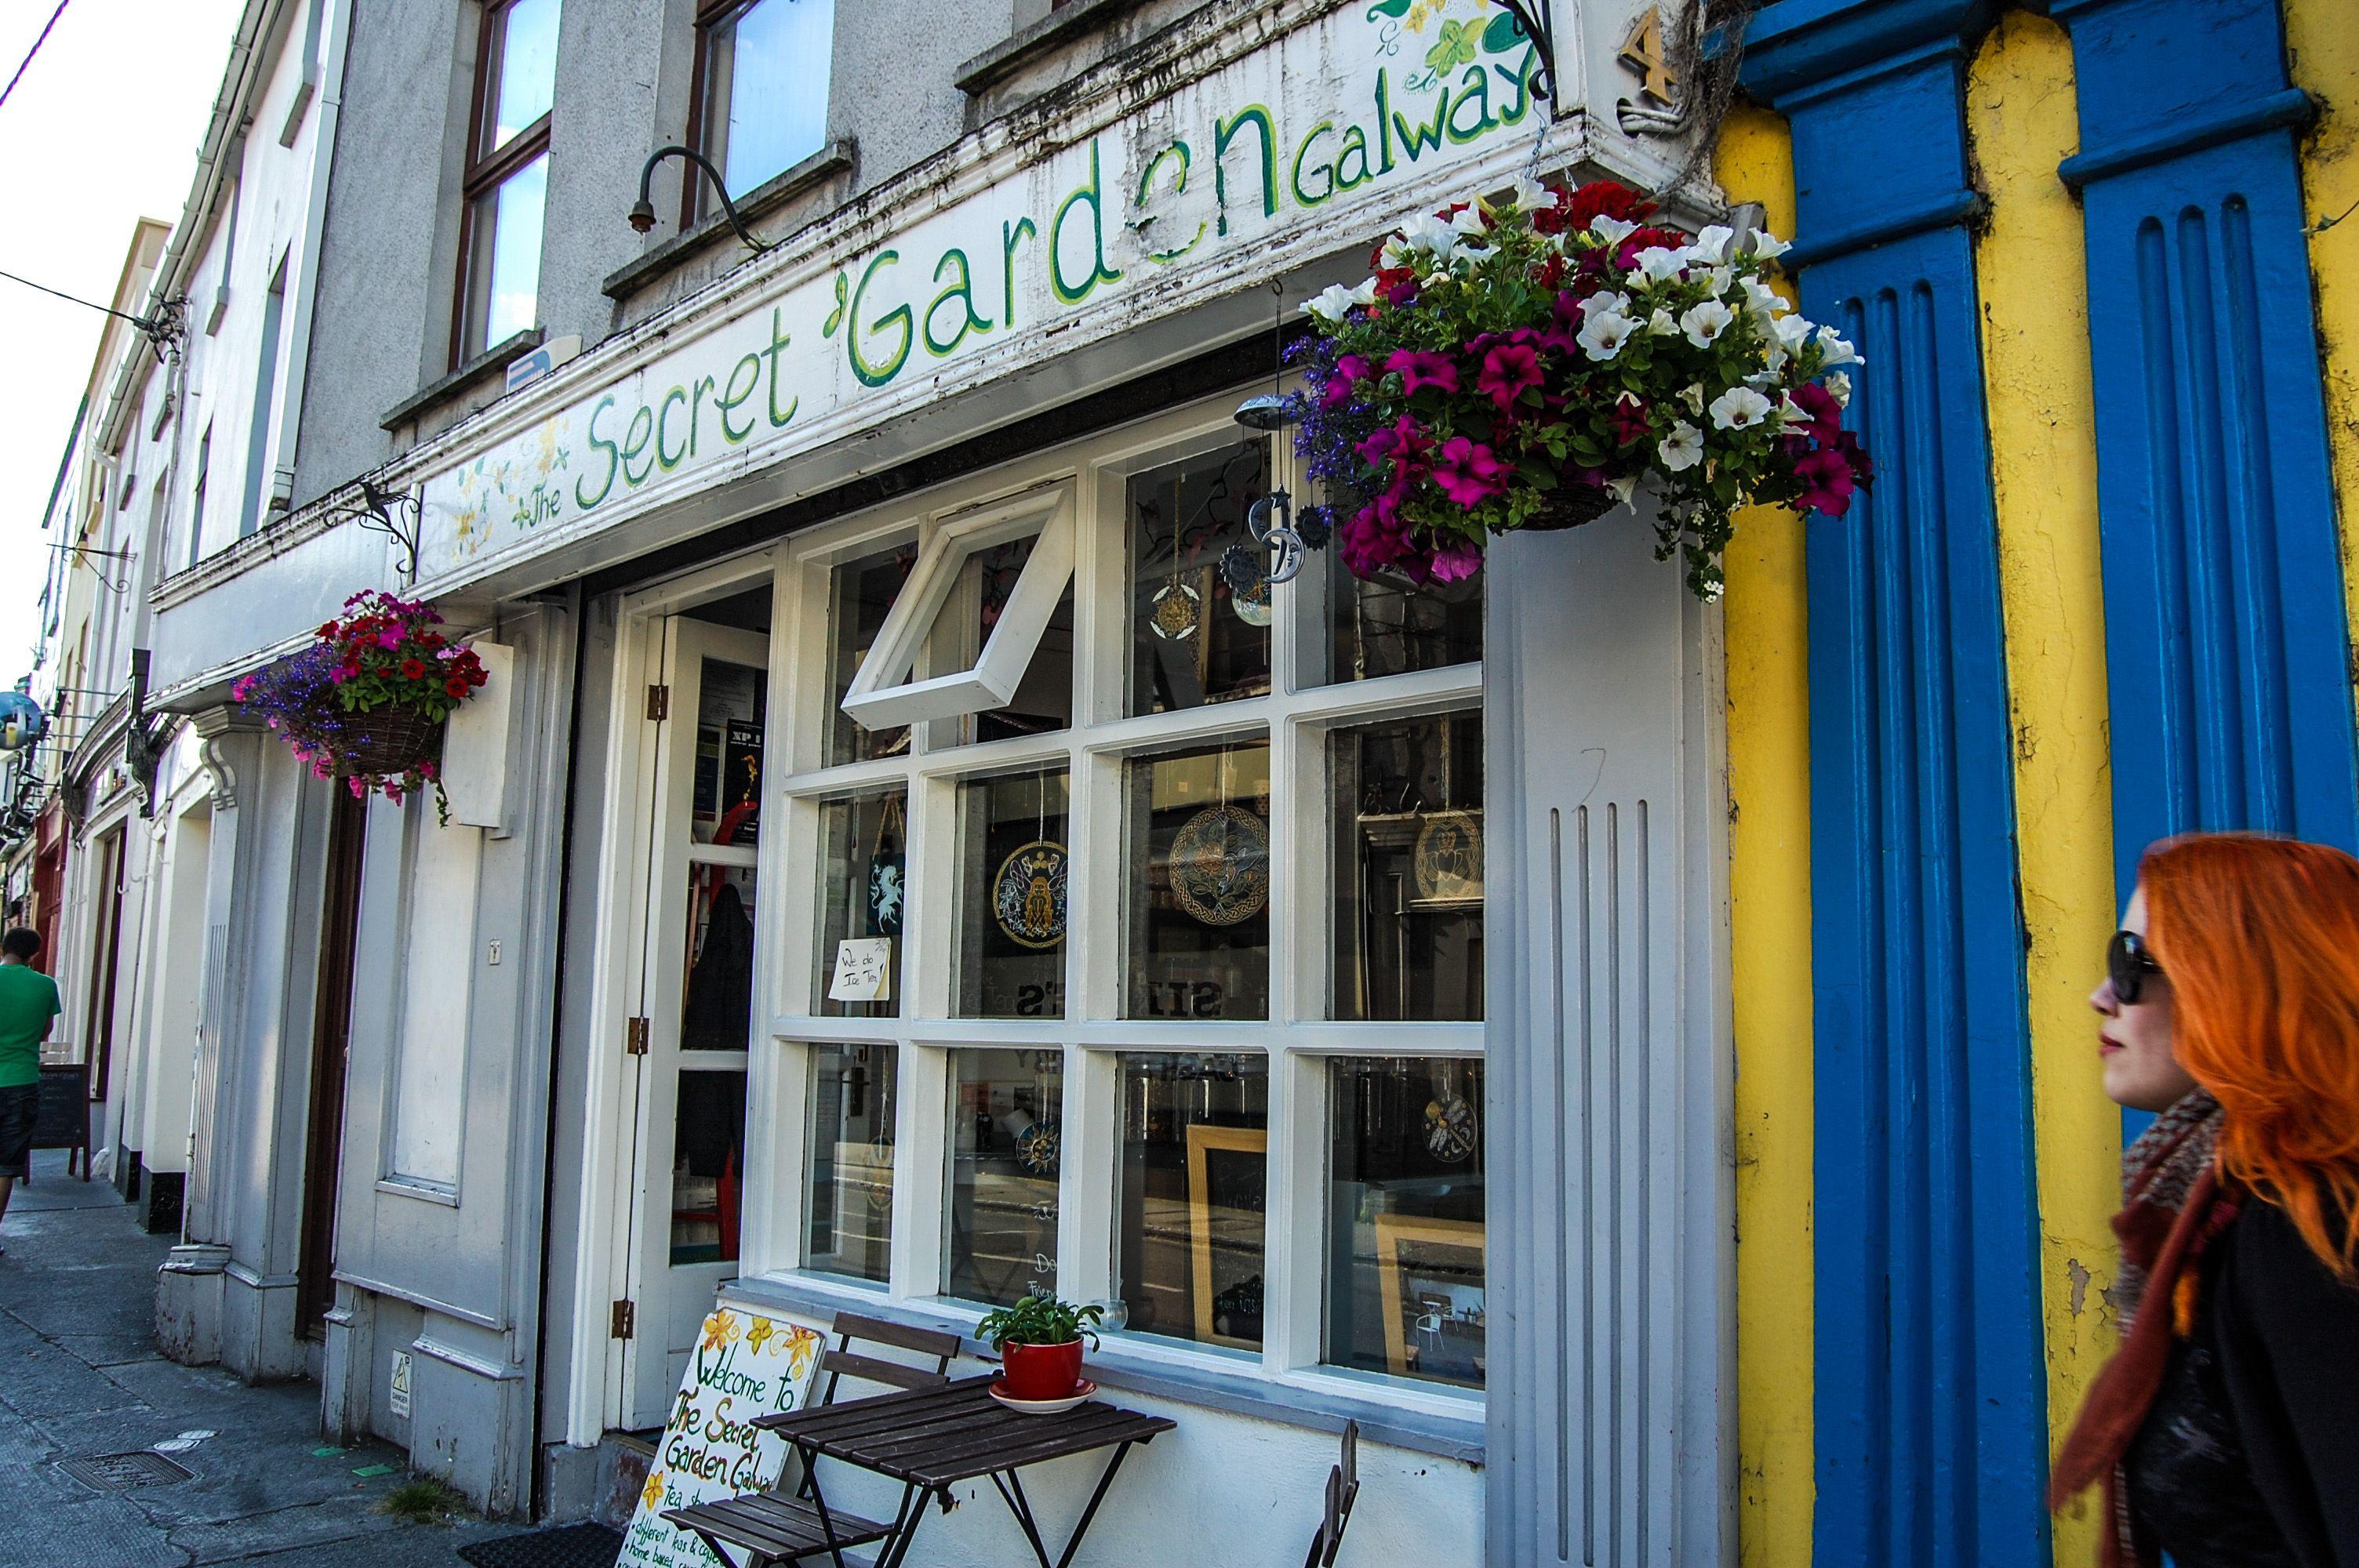 The Secret Garden tea room & café in Galway, Ireland